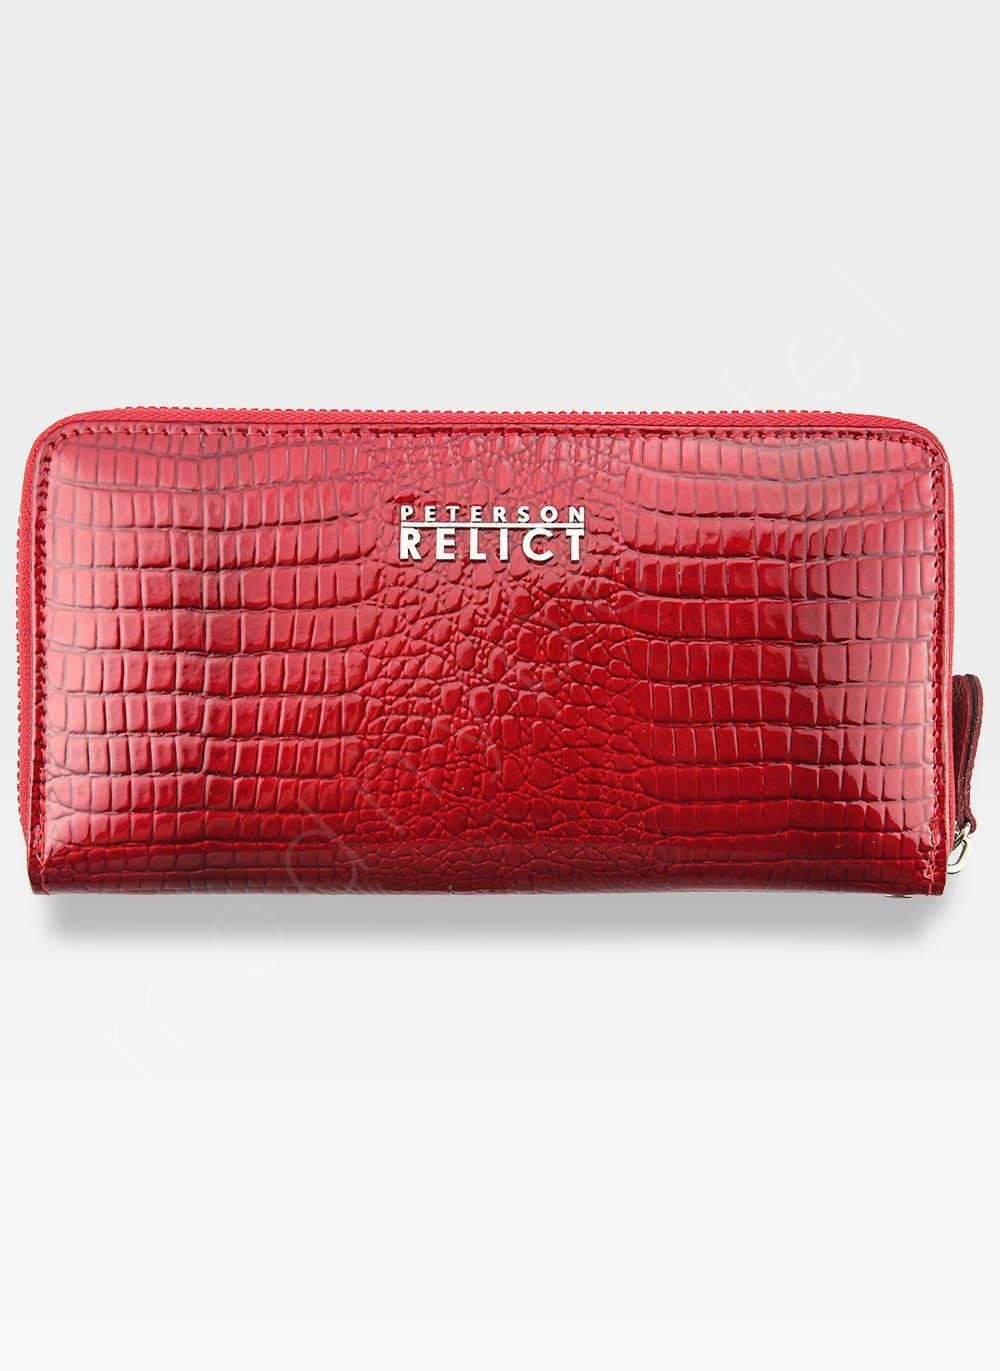 3e0f69b7197c4 Portfel Damski Skórzany PETERSON 780 Czerwony 780 Red Crocodile ...